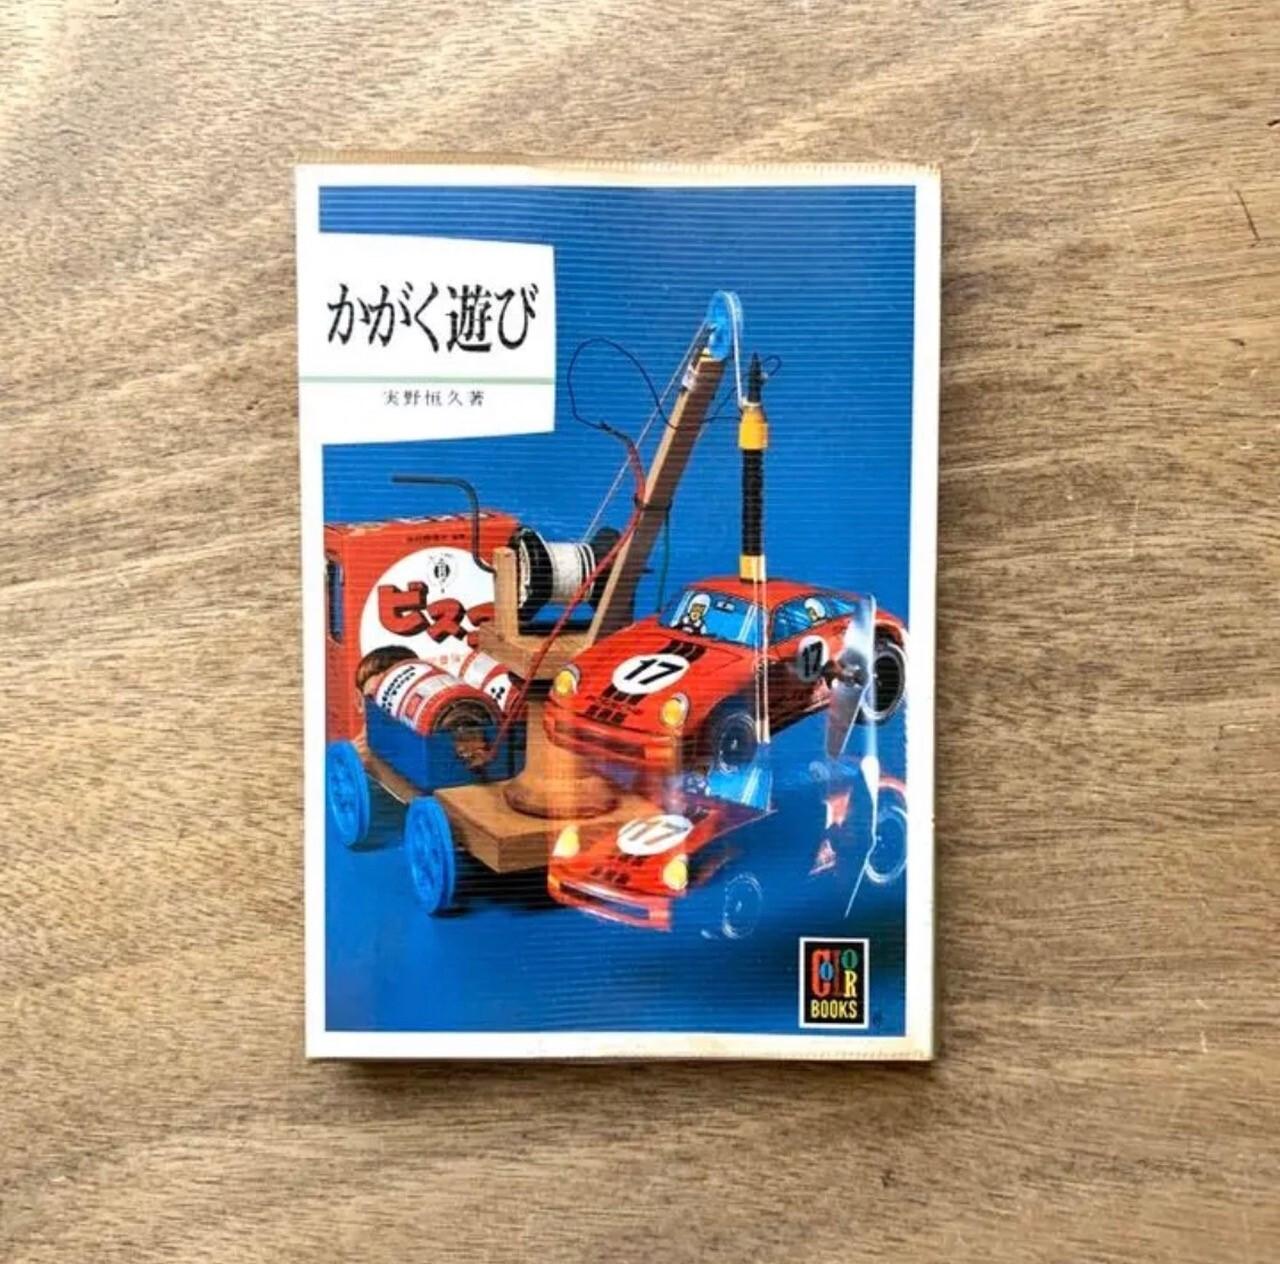 かがく遊び / カラーブックス499 / 実野恒久